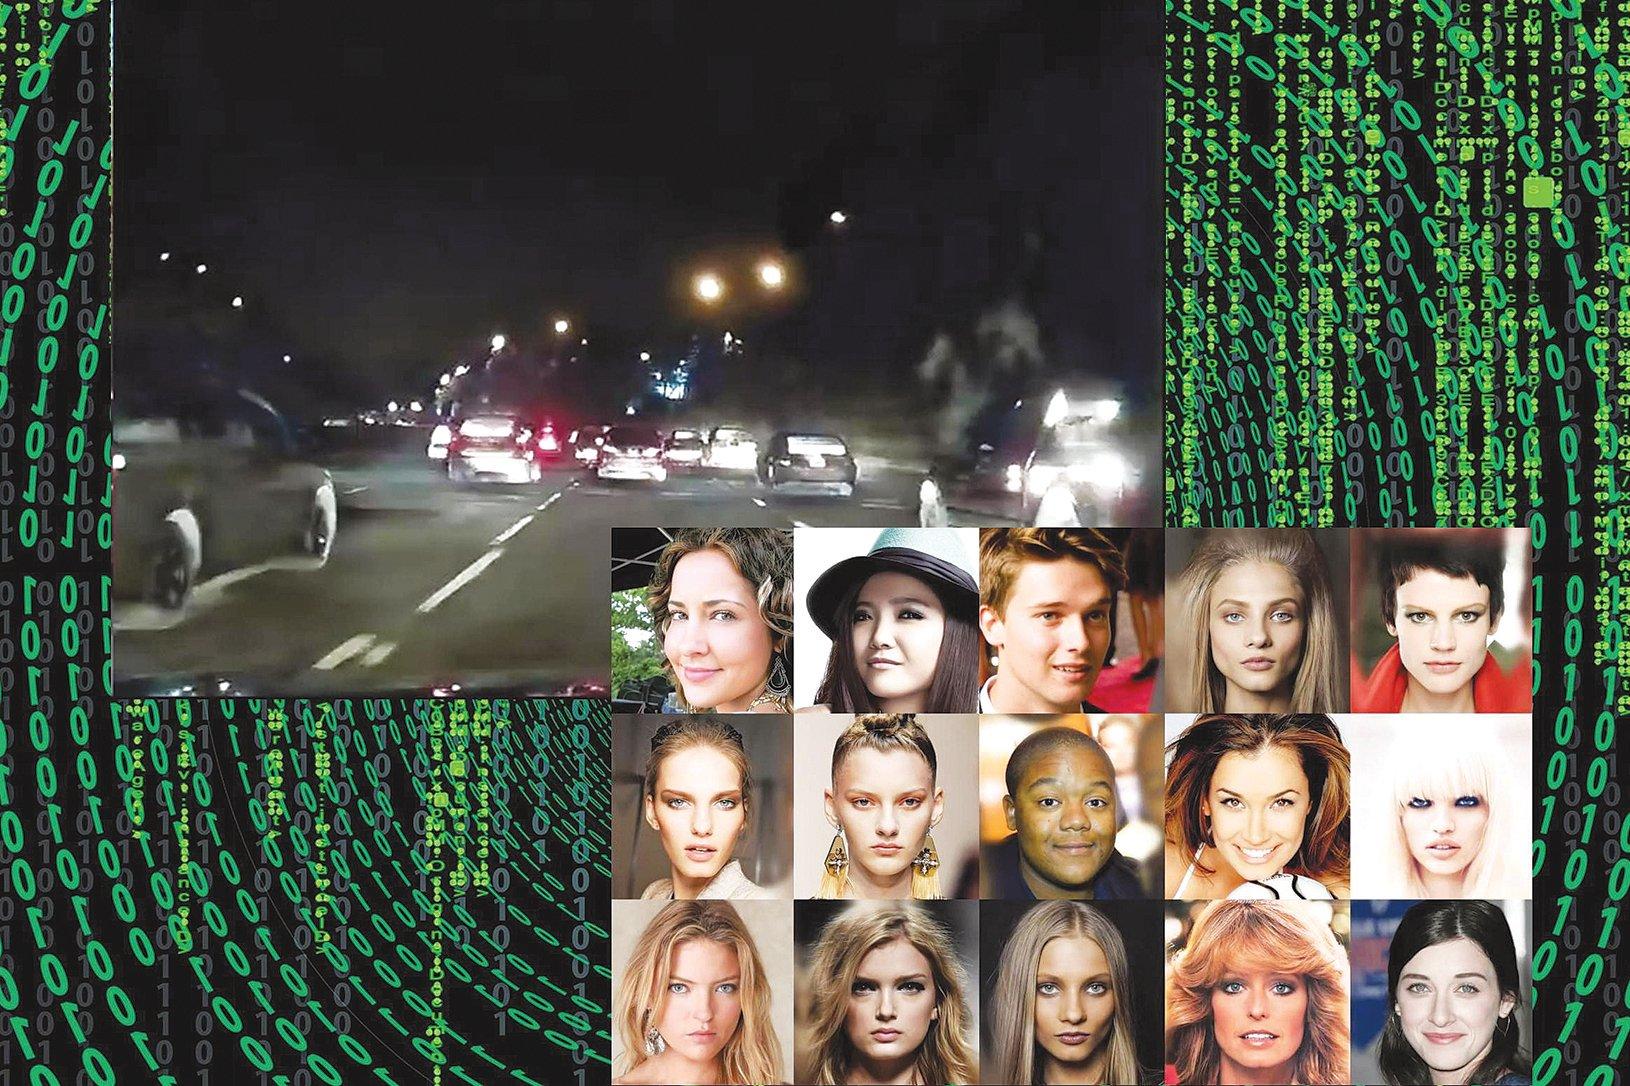 這些不是真實的人物照和景色,而是人工智能的產物。(來源:pixabay及Youtube截圖)